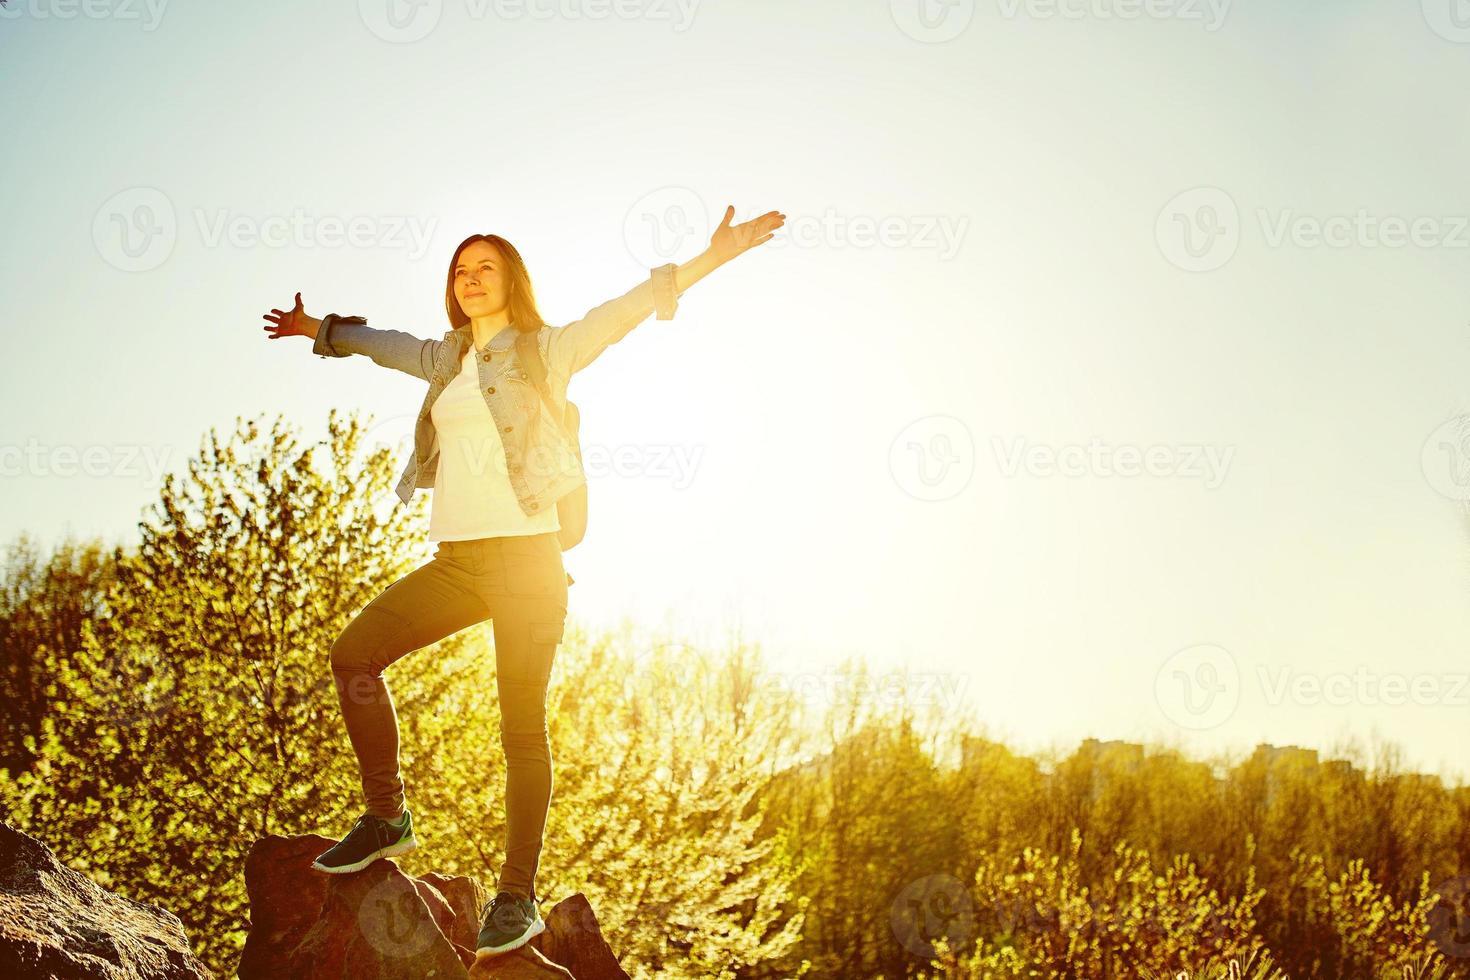 vrouw bergwandelaar met rugzak genieten van uitzicht foto